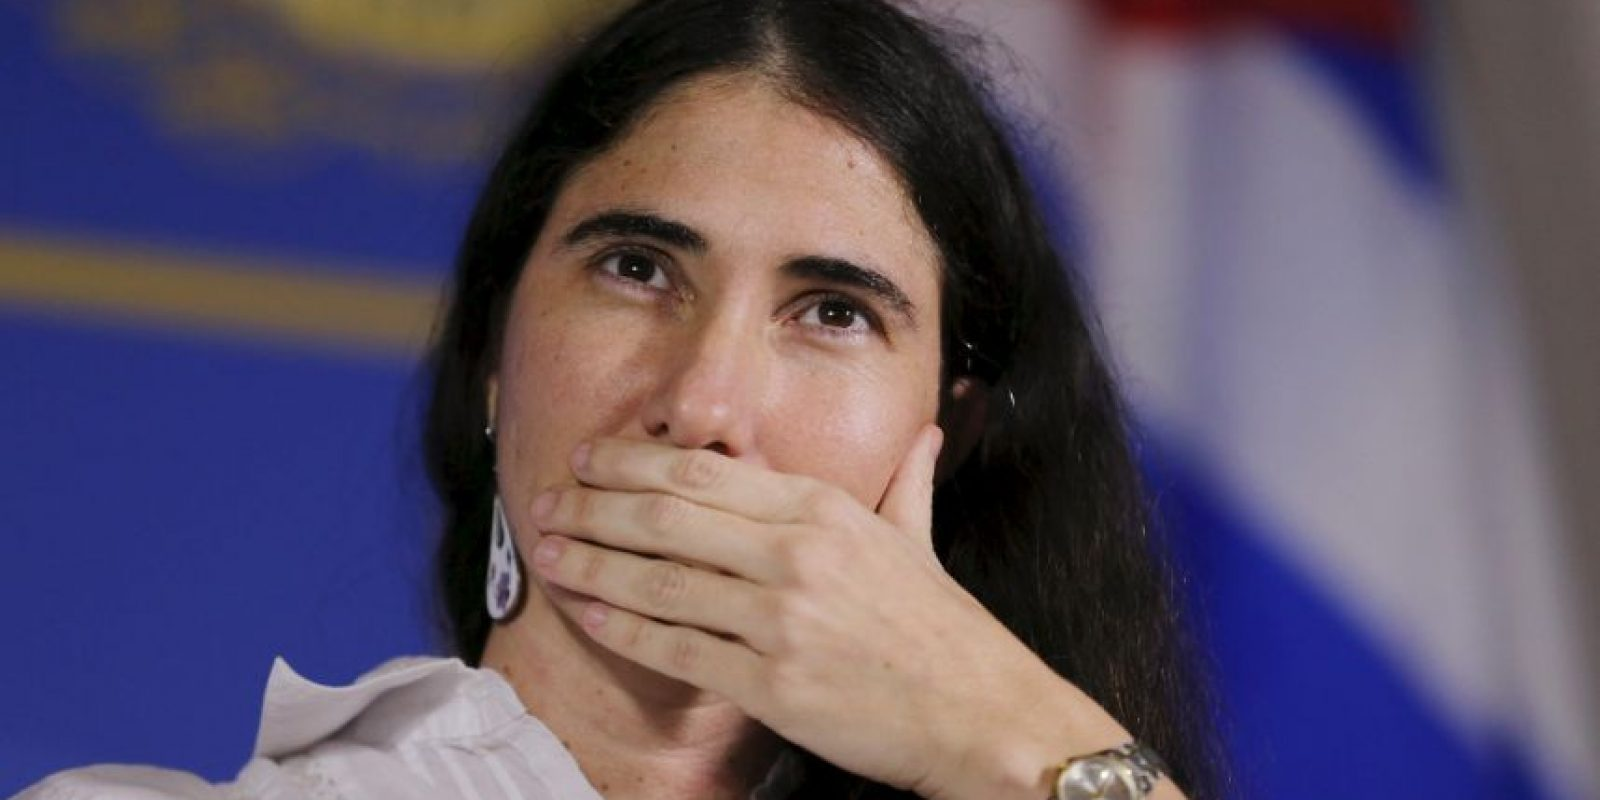 Es conocida por sus críticas feroces contra Fidel Castro. Foto:Getty Images